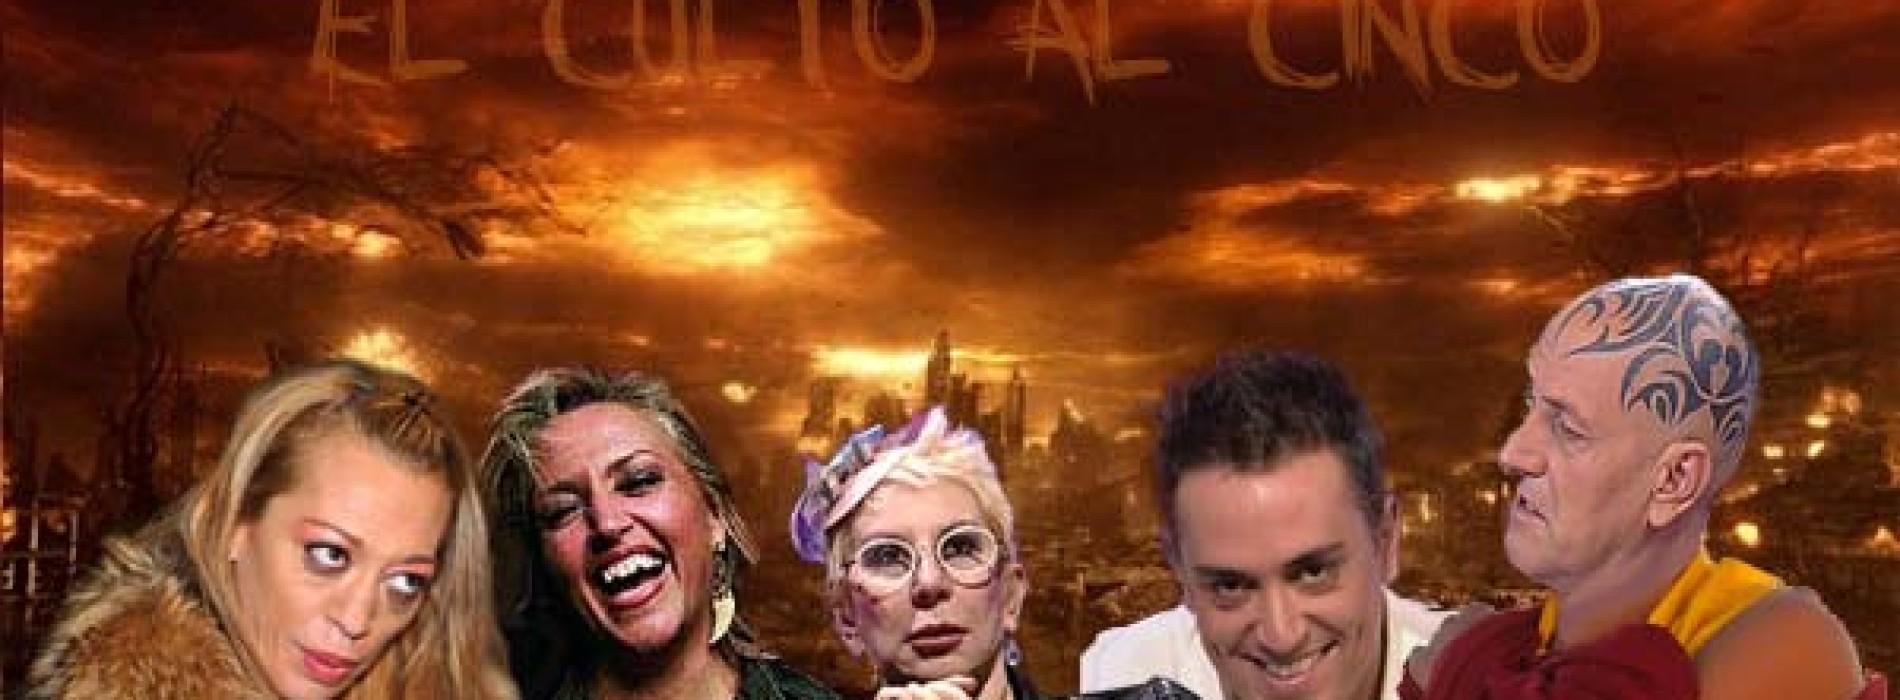 Una secta anuncia un suicidio colectivo y en directo en Sálvame Deluxe con motivo del fin del mundo